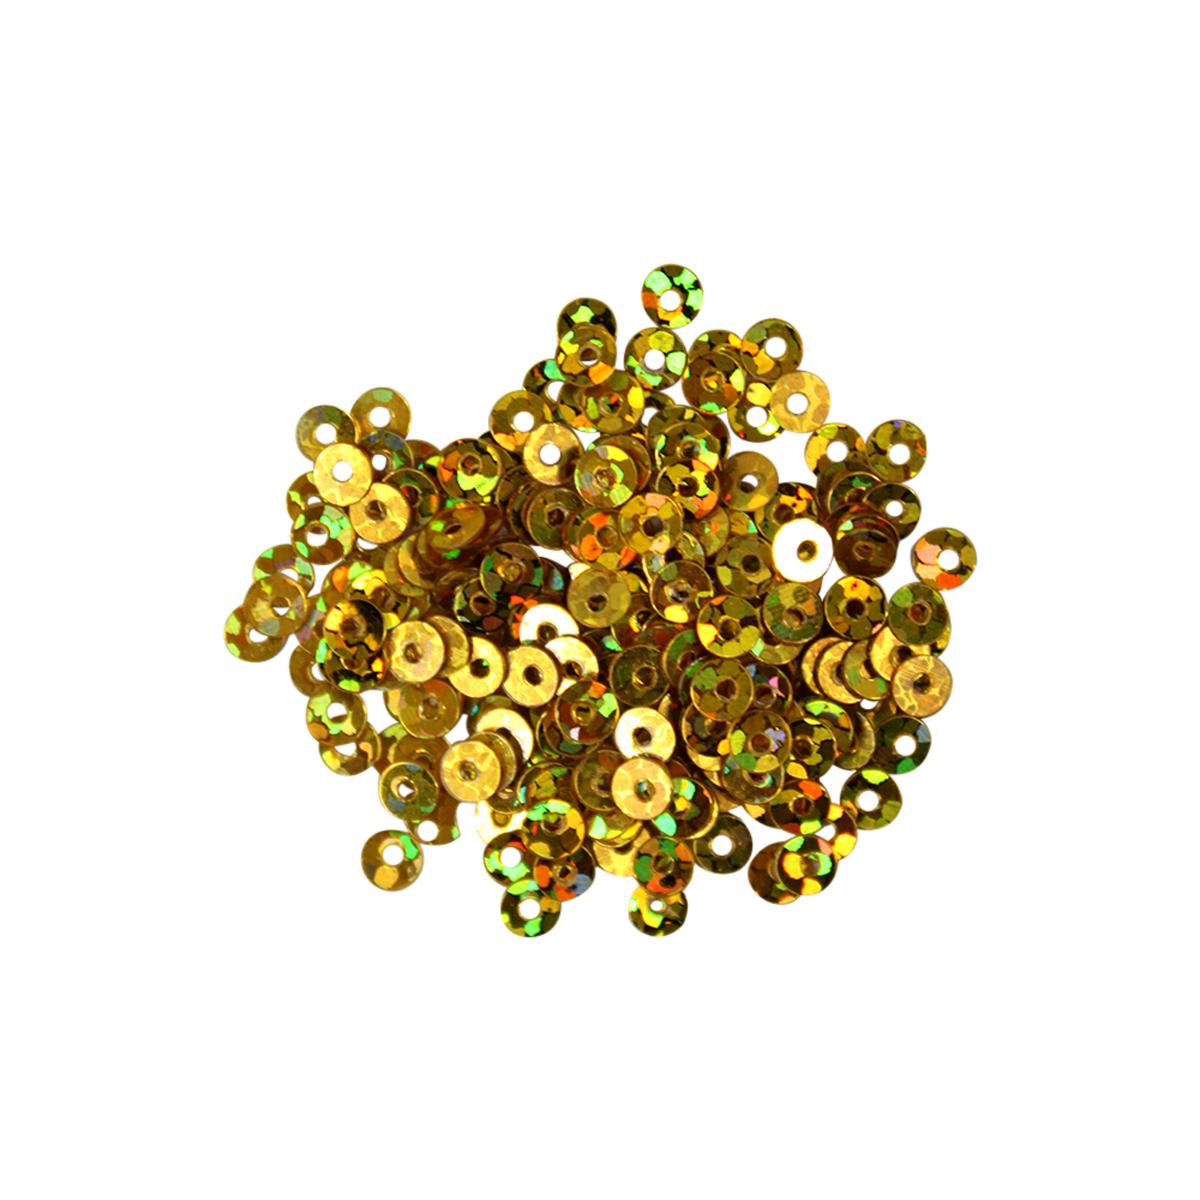 Пайетки плоские Астра, с голограммой, цвет: золотистый (А20), 3 мм, 10 г7713421_А20Пайетки Астра с голограммой представляют собой блёстки, плоские чешуйки круглой формы, изготовленные из пластика с отверстием для продевания нитки. Они идеально подойдут для вышивания на предметах быта и женской одежде. Они позволят изыскано украсить любую вещь, подойдут для декора сценических костюмов, создания стилизованной одежды. Диаметр: 3 мм. Вес: 10 г.